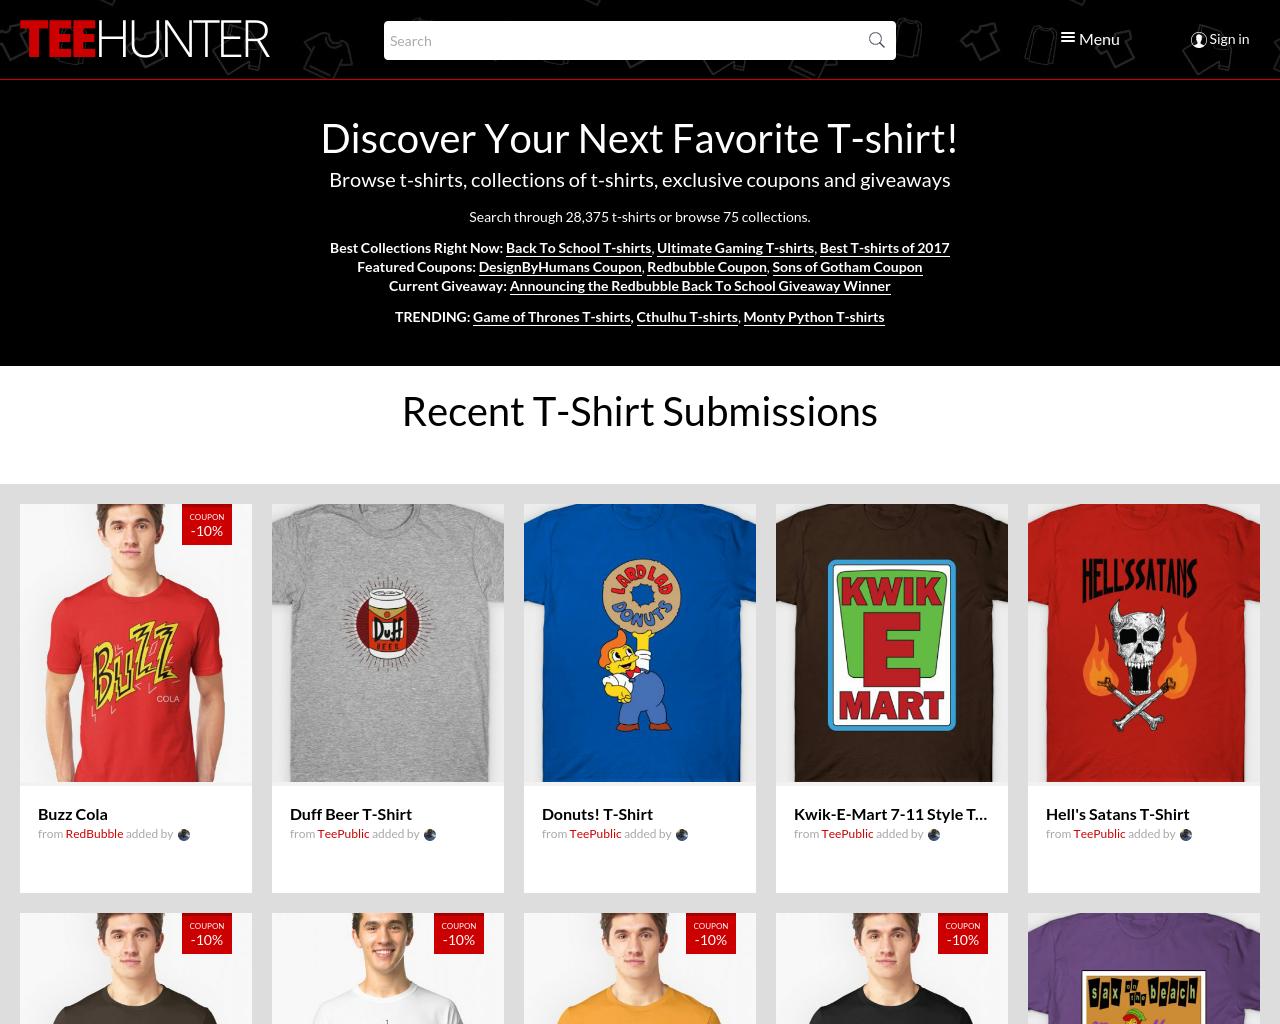 Teehunter-Advertising-Reviews-Pricing